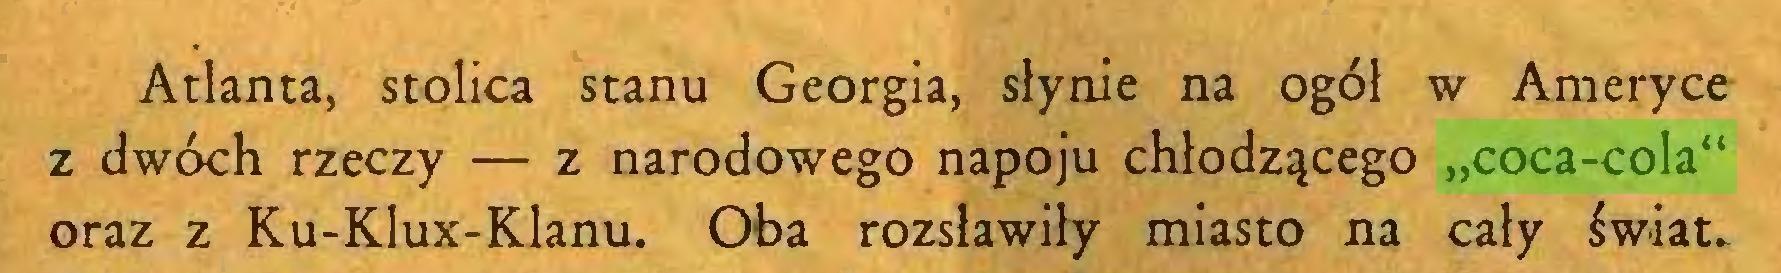 """(...) Atlanta, stolica stanu Georgia, słynie na ogól w Ameryce z dwóch rzeczy — z narodowego napoju chłodzącego """"coca-cola"""" oraz z Ku-Klux-Klanu. Oba rozsławiły miasto na cały świat..."""